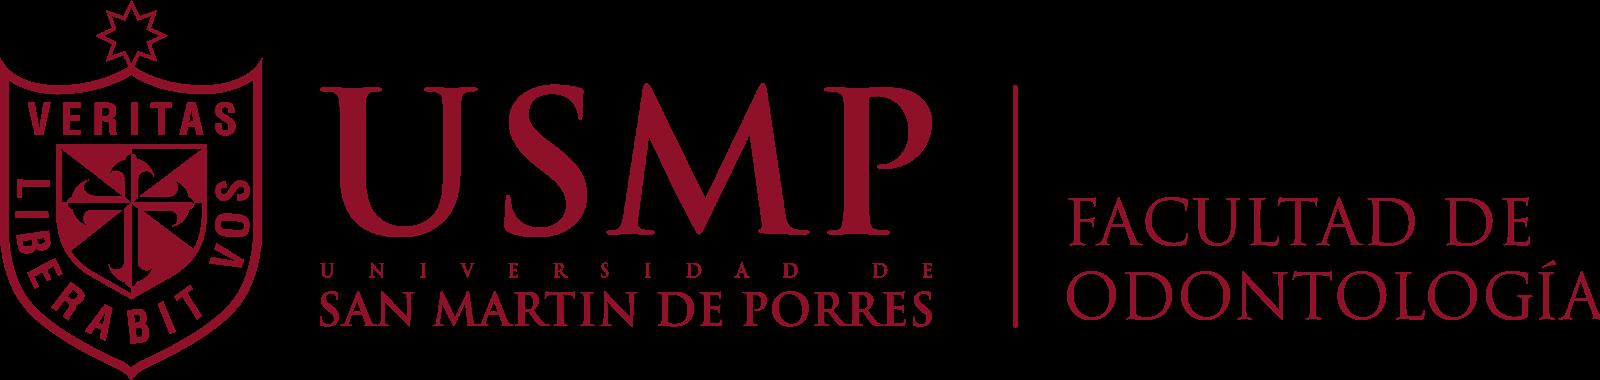 USMP - Facultad de Odontologia